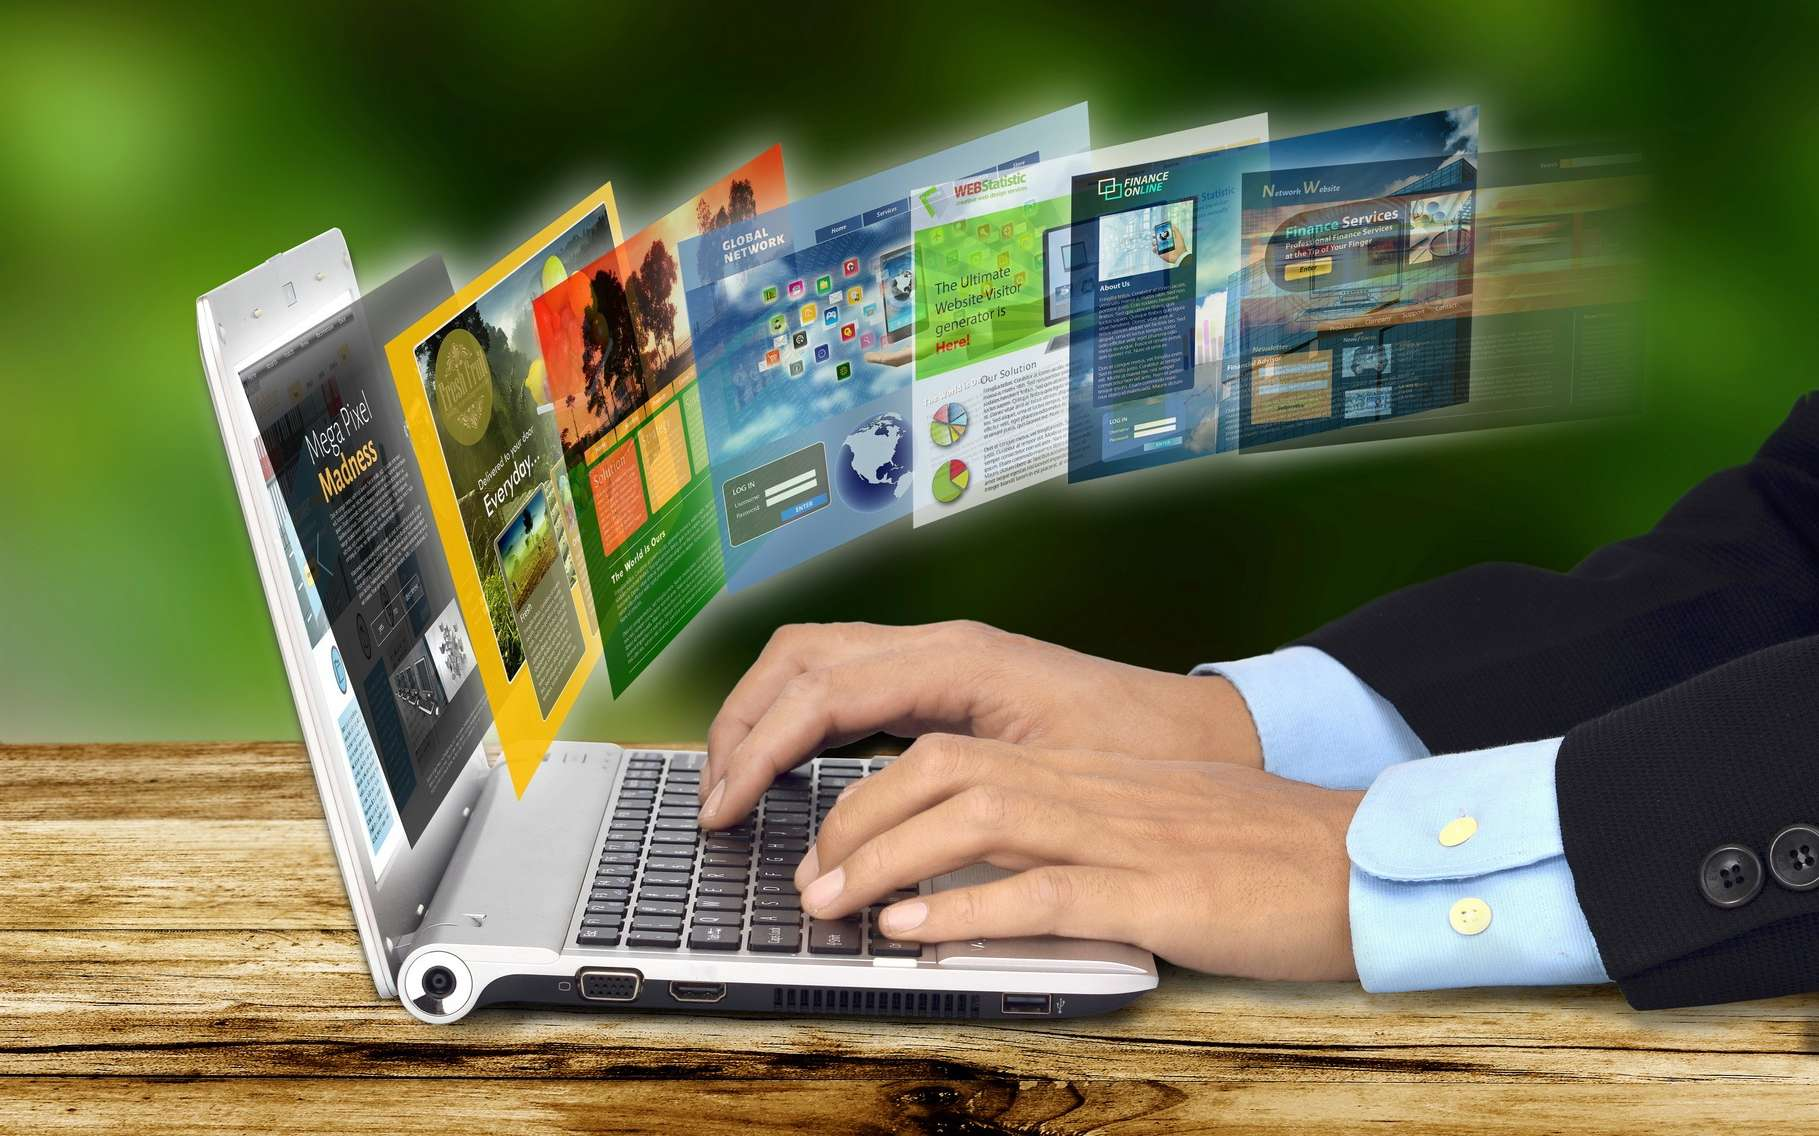 Avec le haut débit, les internautes se sont accoutumés à un chargement des pages presque instantané. Or, les sites Web sont de plus en plus complexes et il faut trouver le moyen de rendre la navigation toujours plus rapide. © Nmedia, Shutterstock